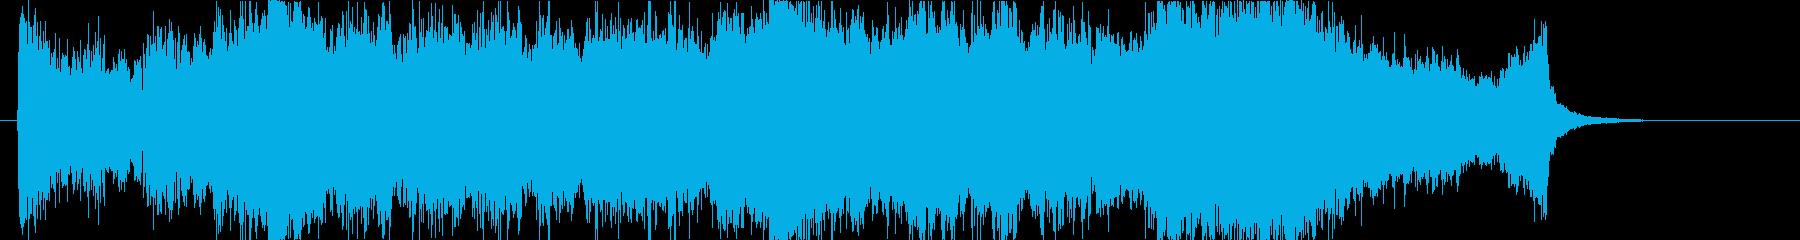 壮大、感動のオーケストラOPハーフaの再生済みの波形